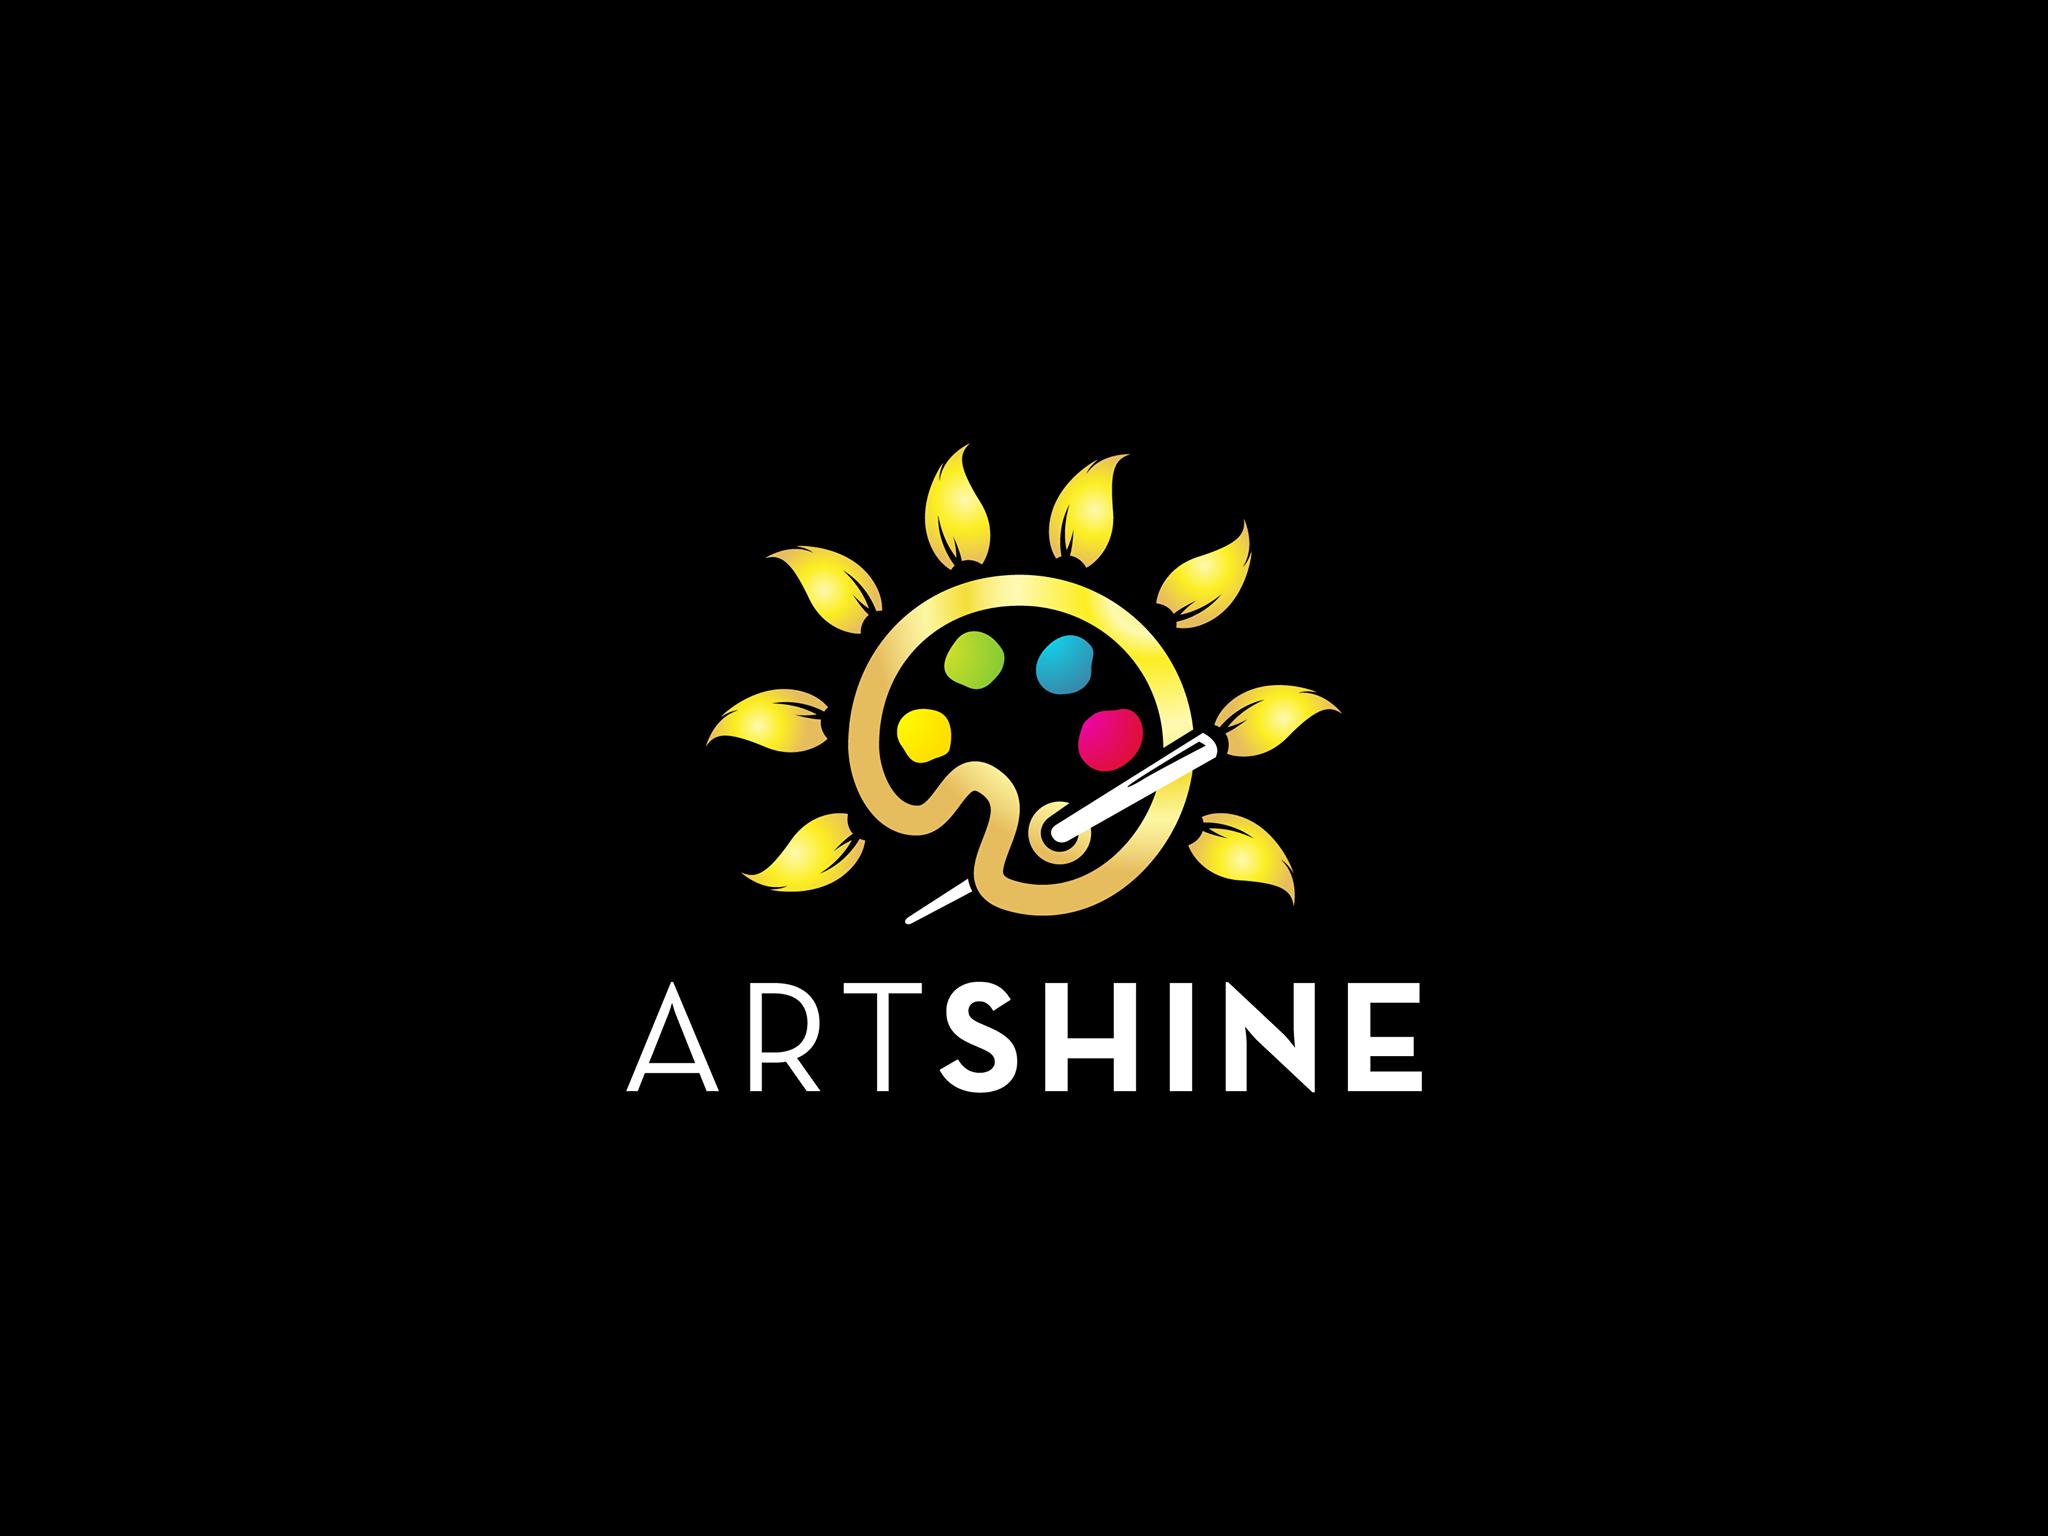 artshine subscription box logo